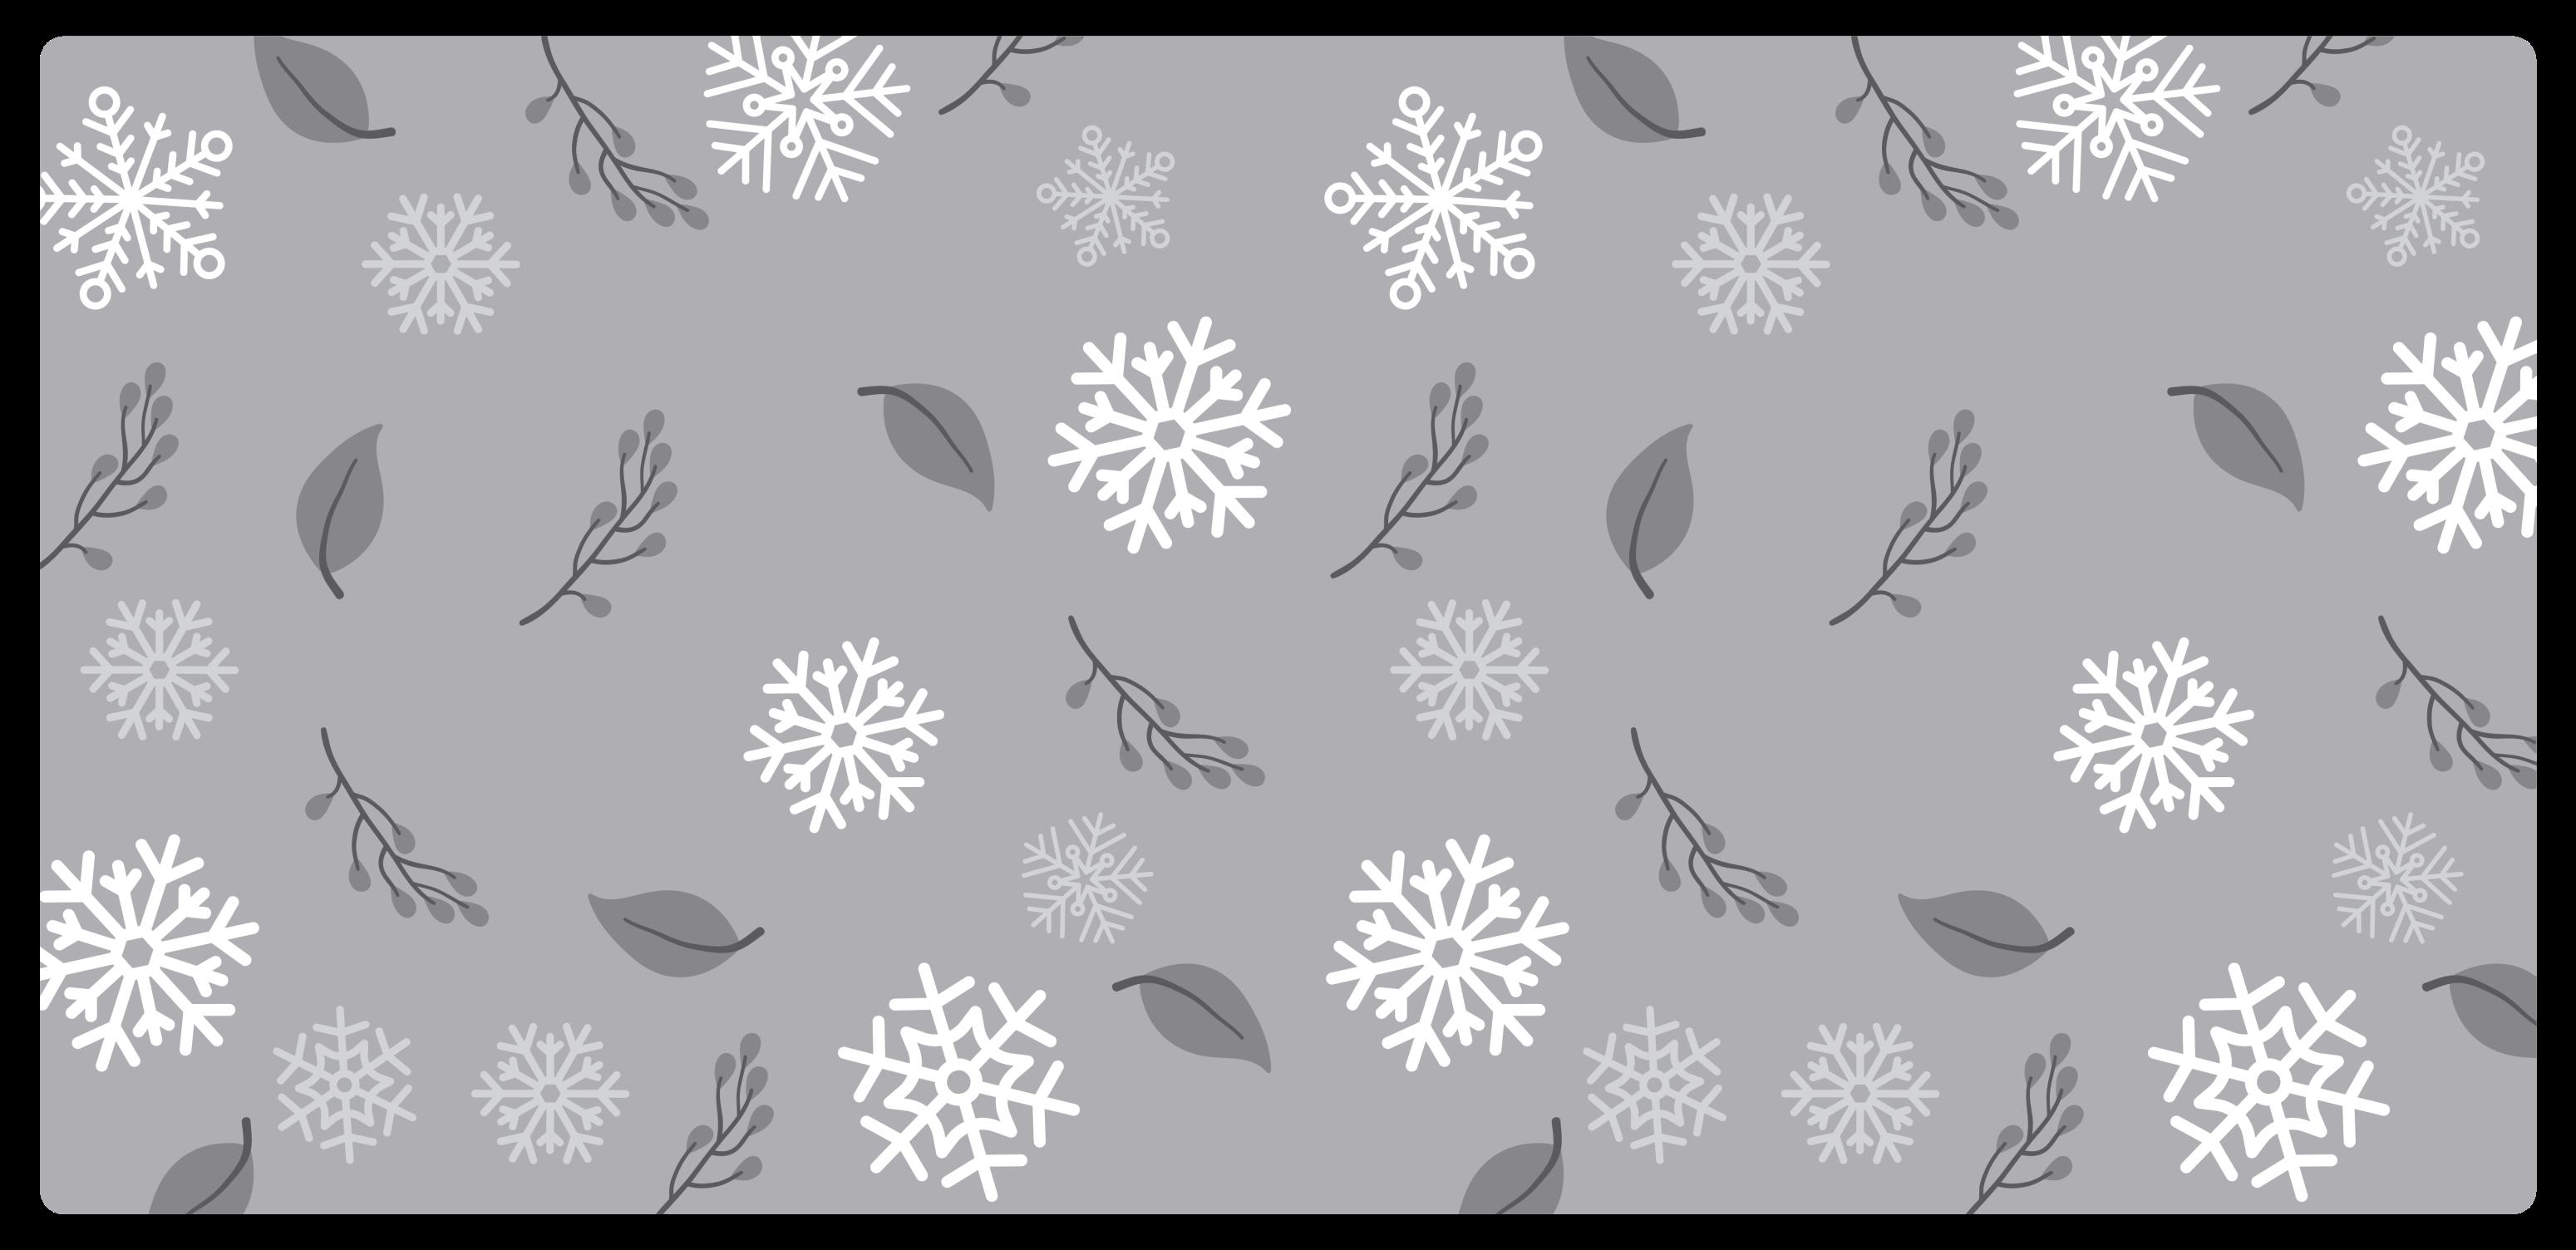 Tenstickers. Grå bakgrund med snöflingor julmatta. Bjud in julen med denna vackra och lättskötta julmatta! Vi har över 10 000 nöjda kunder att garantera för oss.